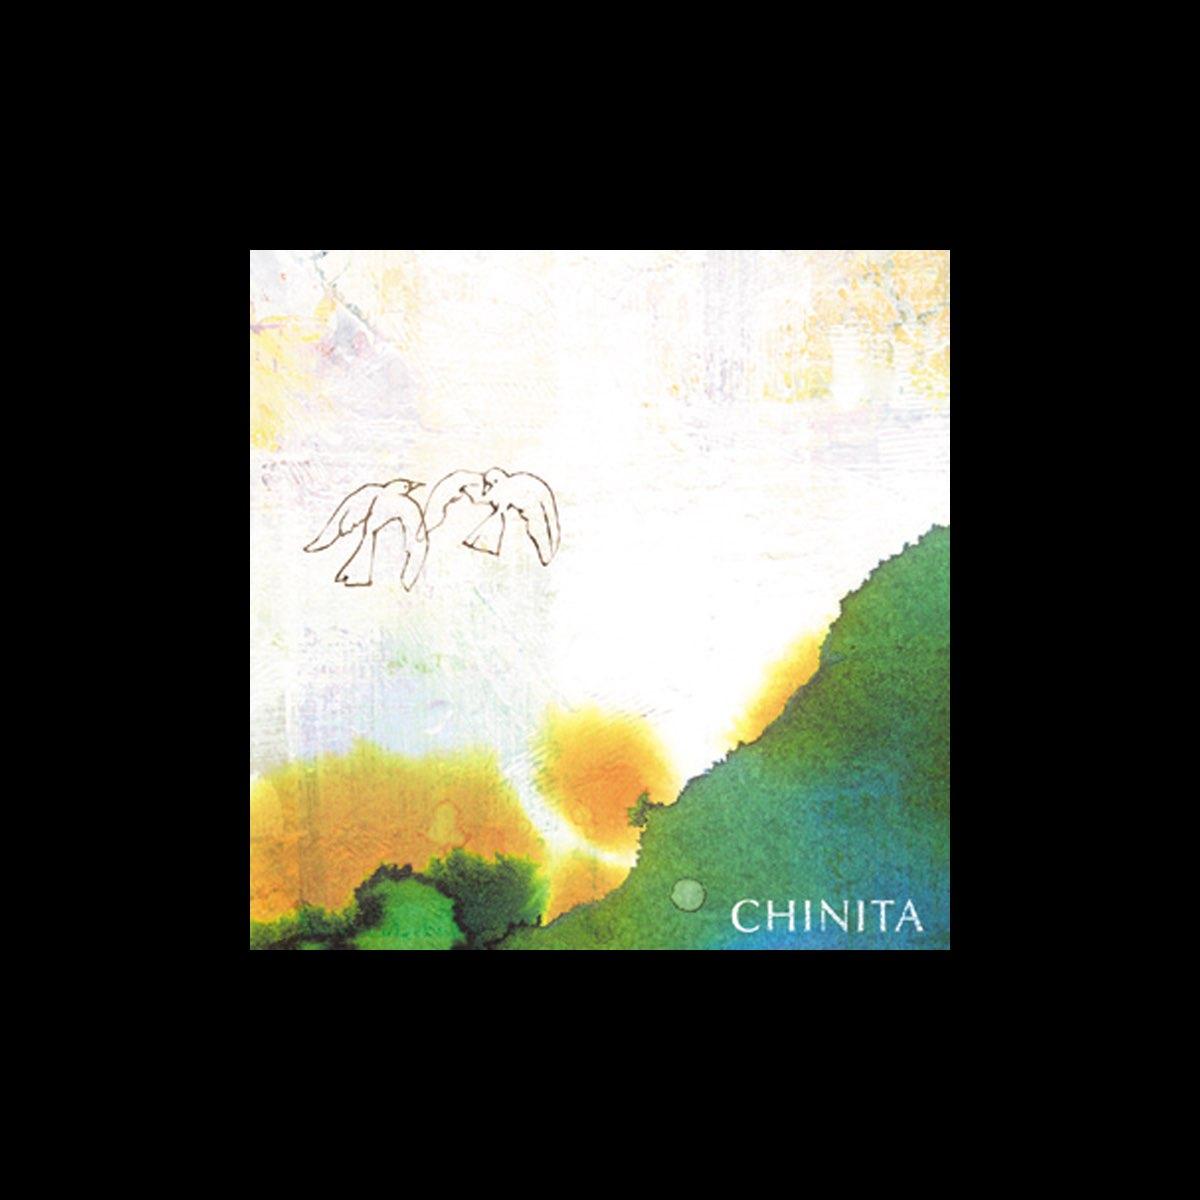 小野塚晃の「CHINITA」をiTunesで